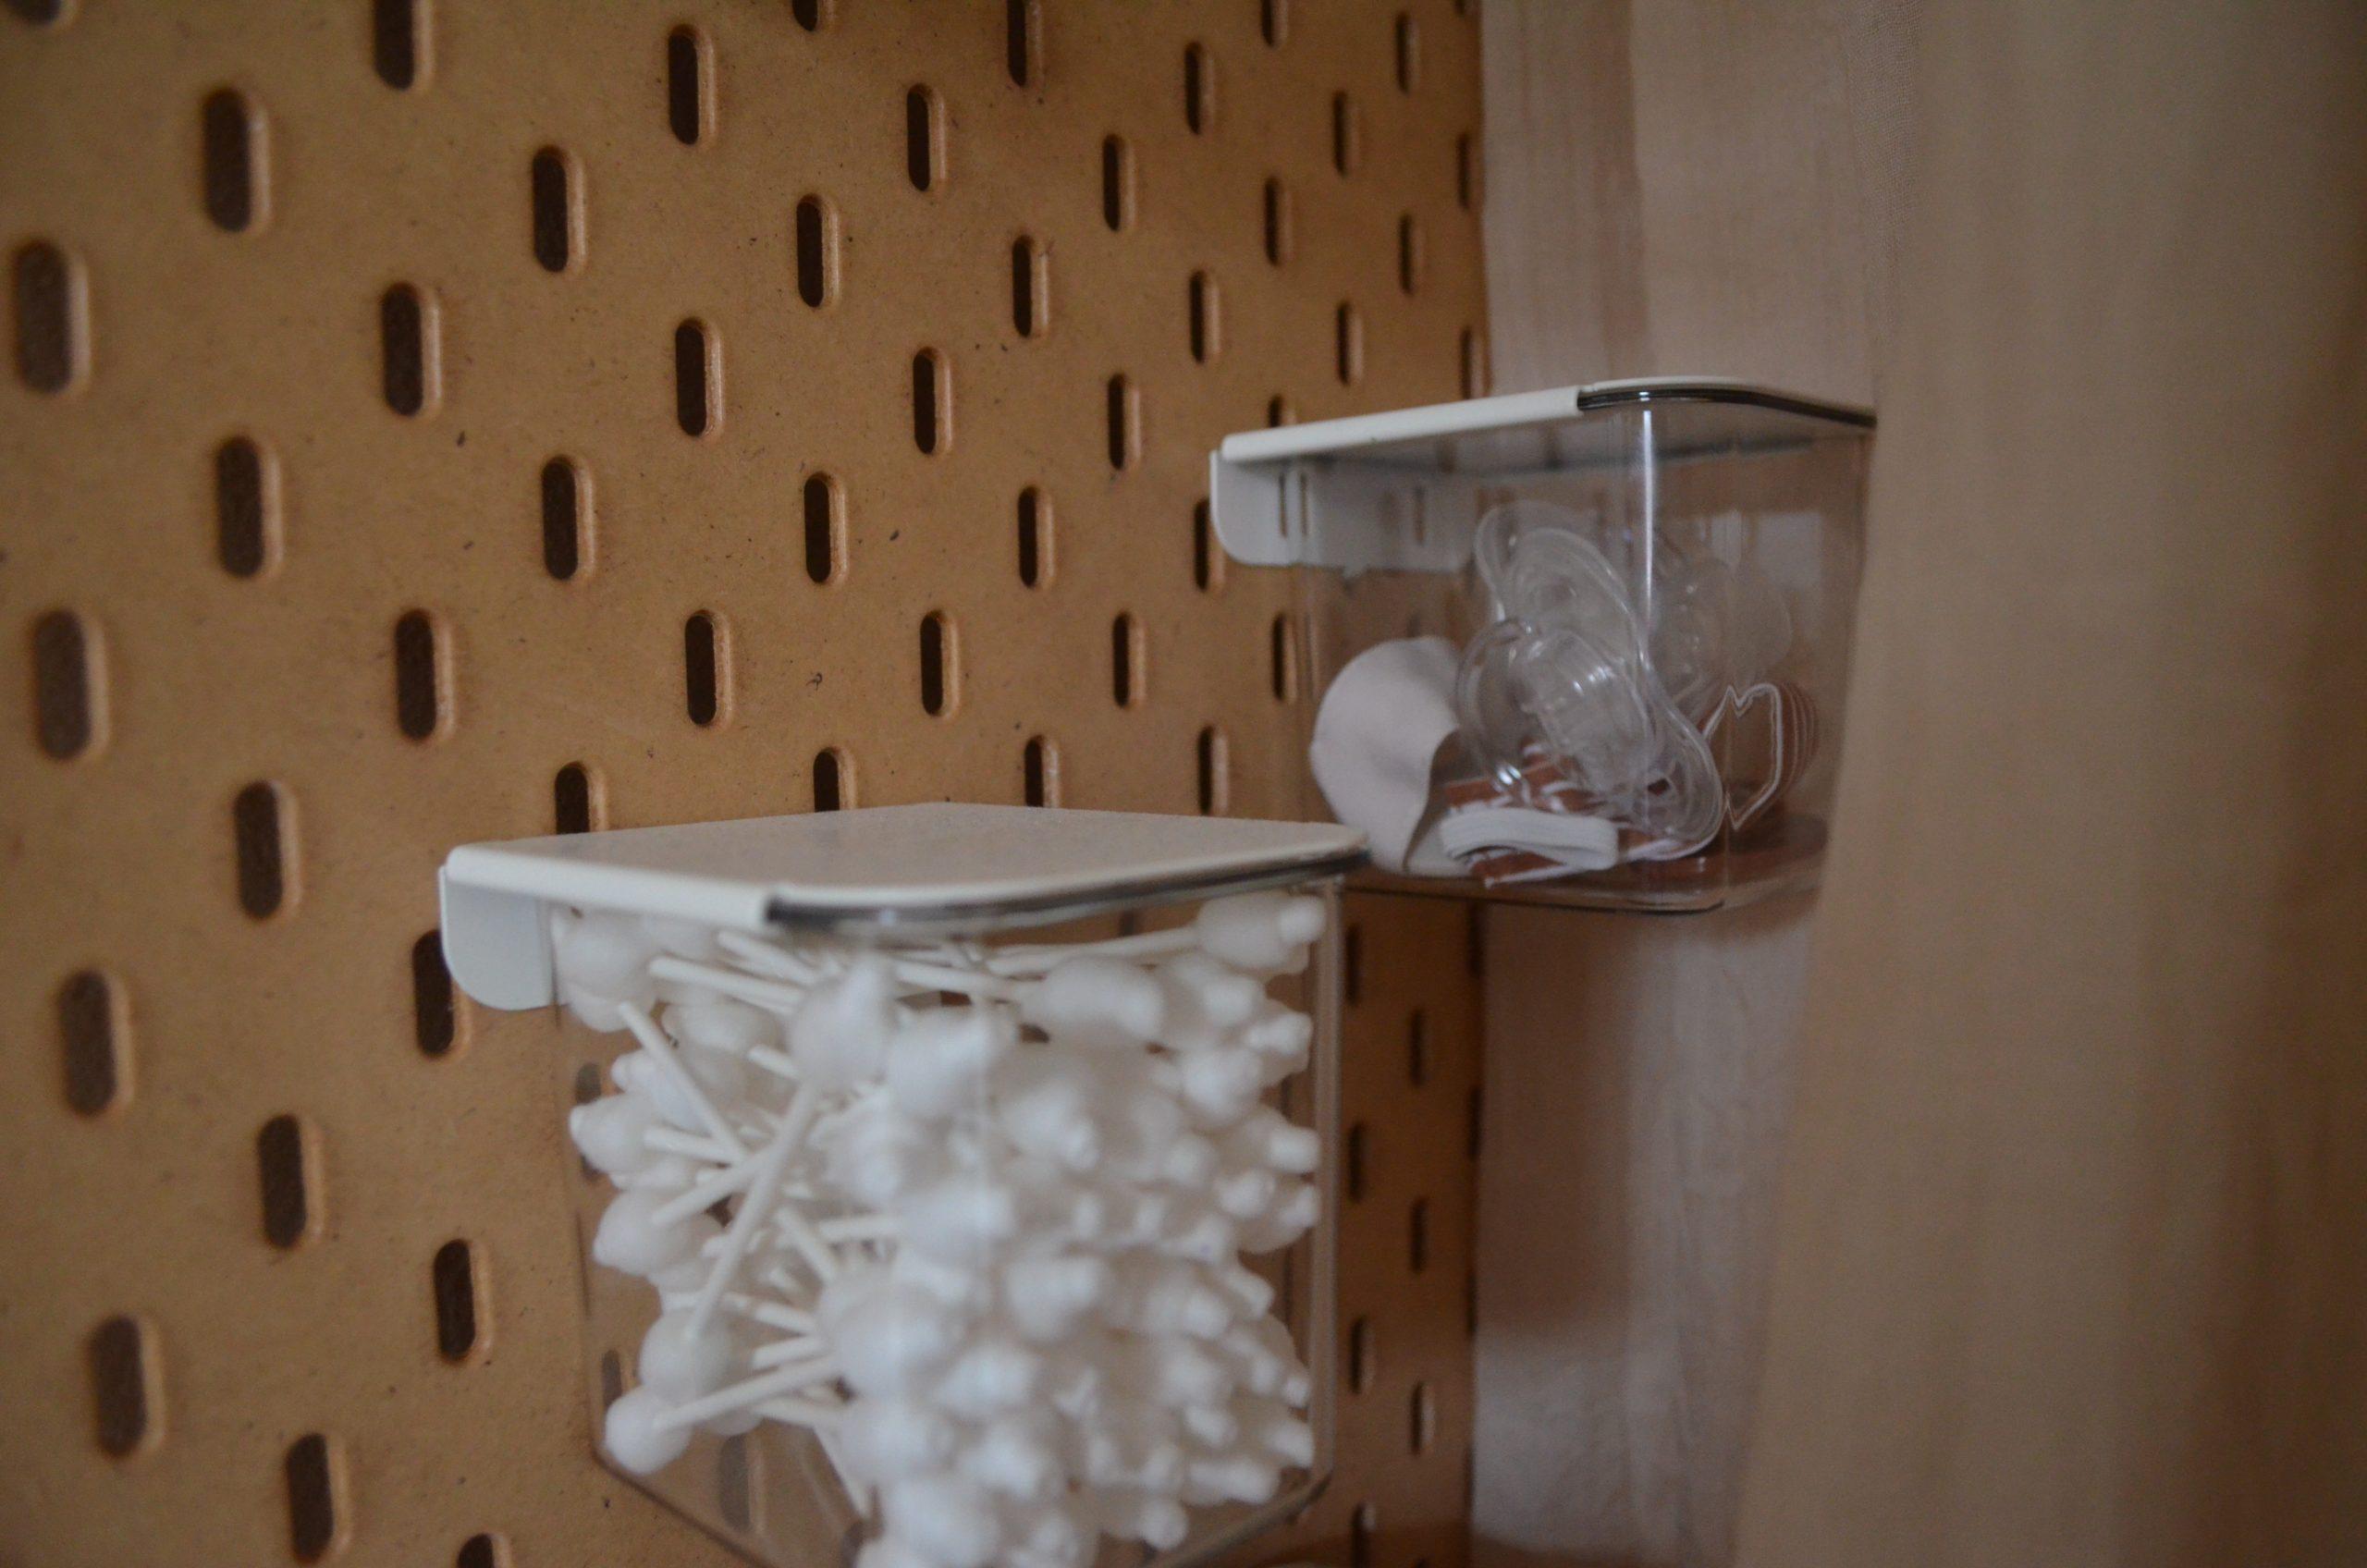 Verder hangt er nog een wandopberger van IKEA (SKÅDIS), waar ik de kleintjes dingen in opberg, zoals speentjes en wattenstaafjes.